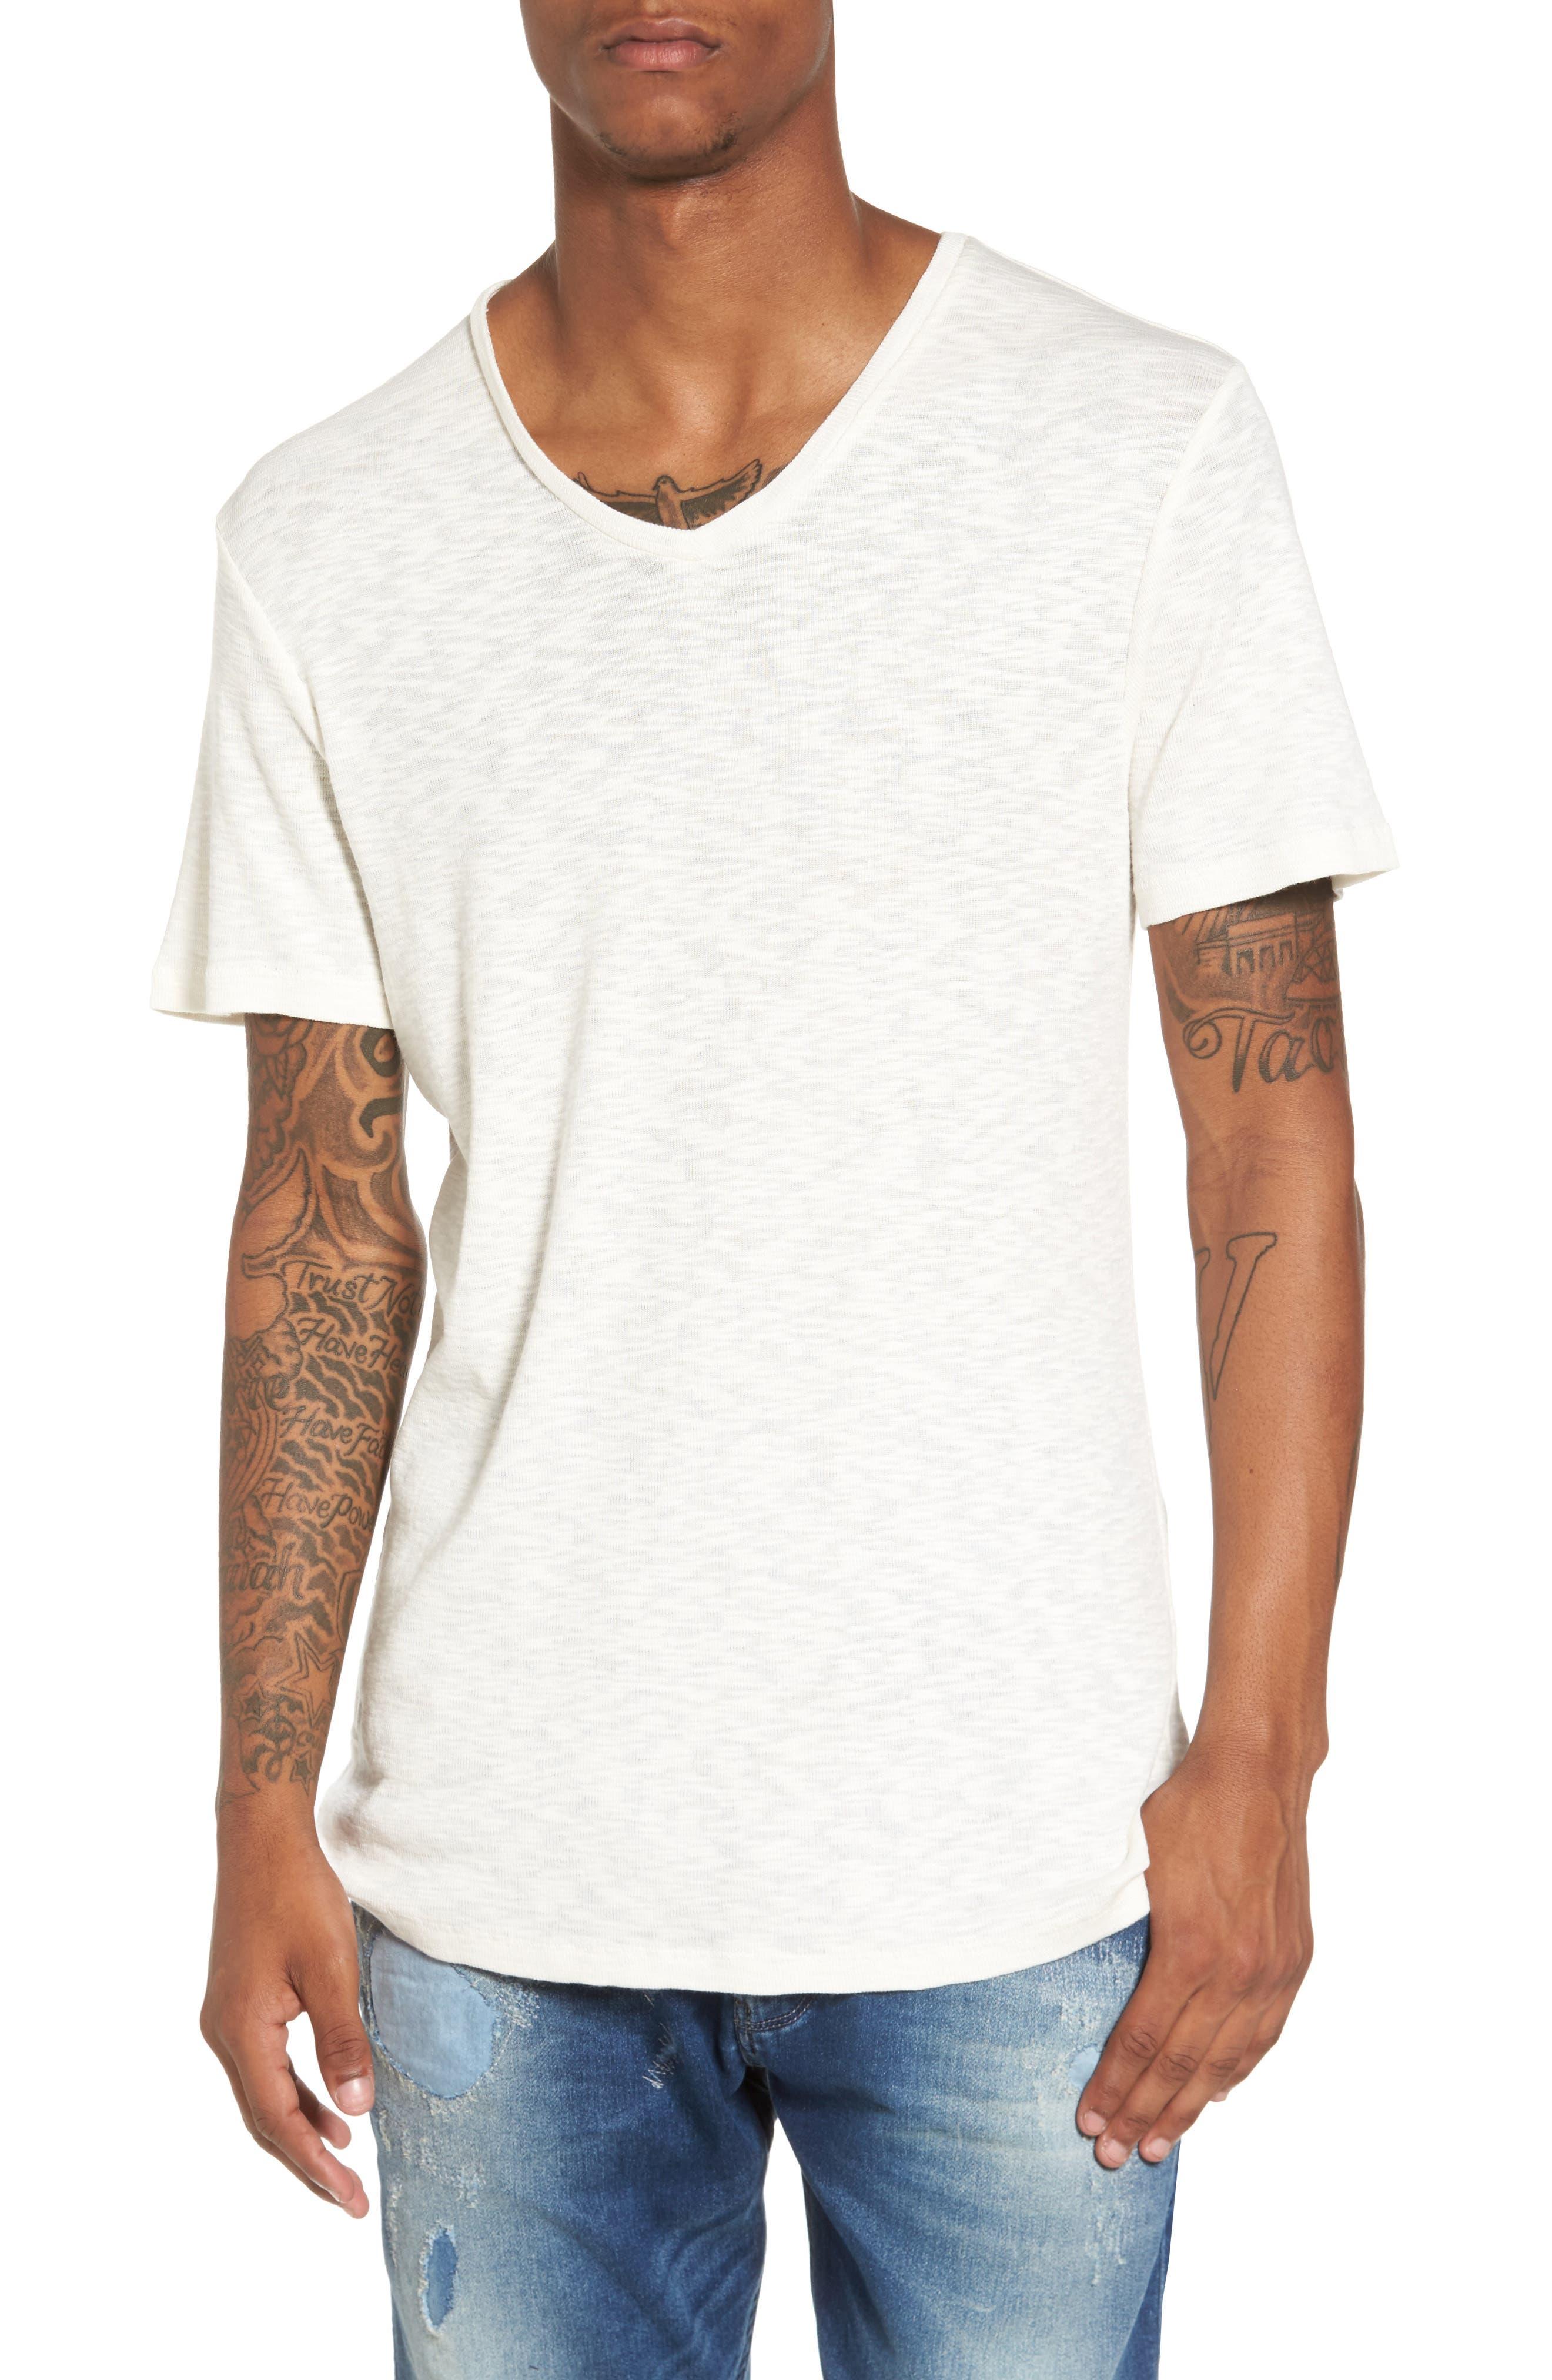 Capitola V-Neck T-Shirt,                             Main thumbnail 1, color,                             Ivory Egret